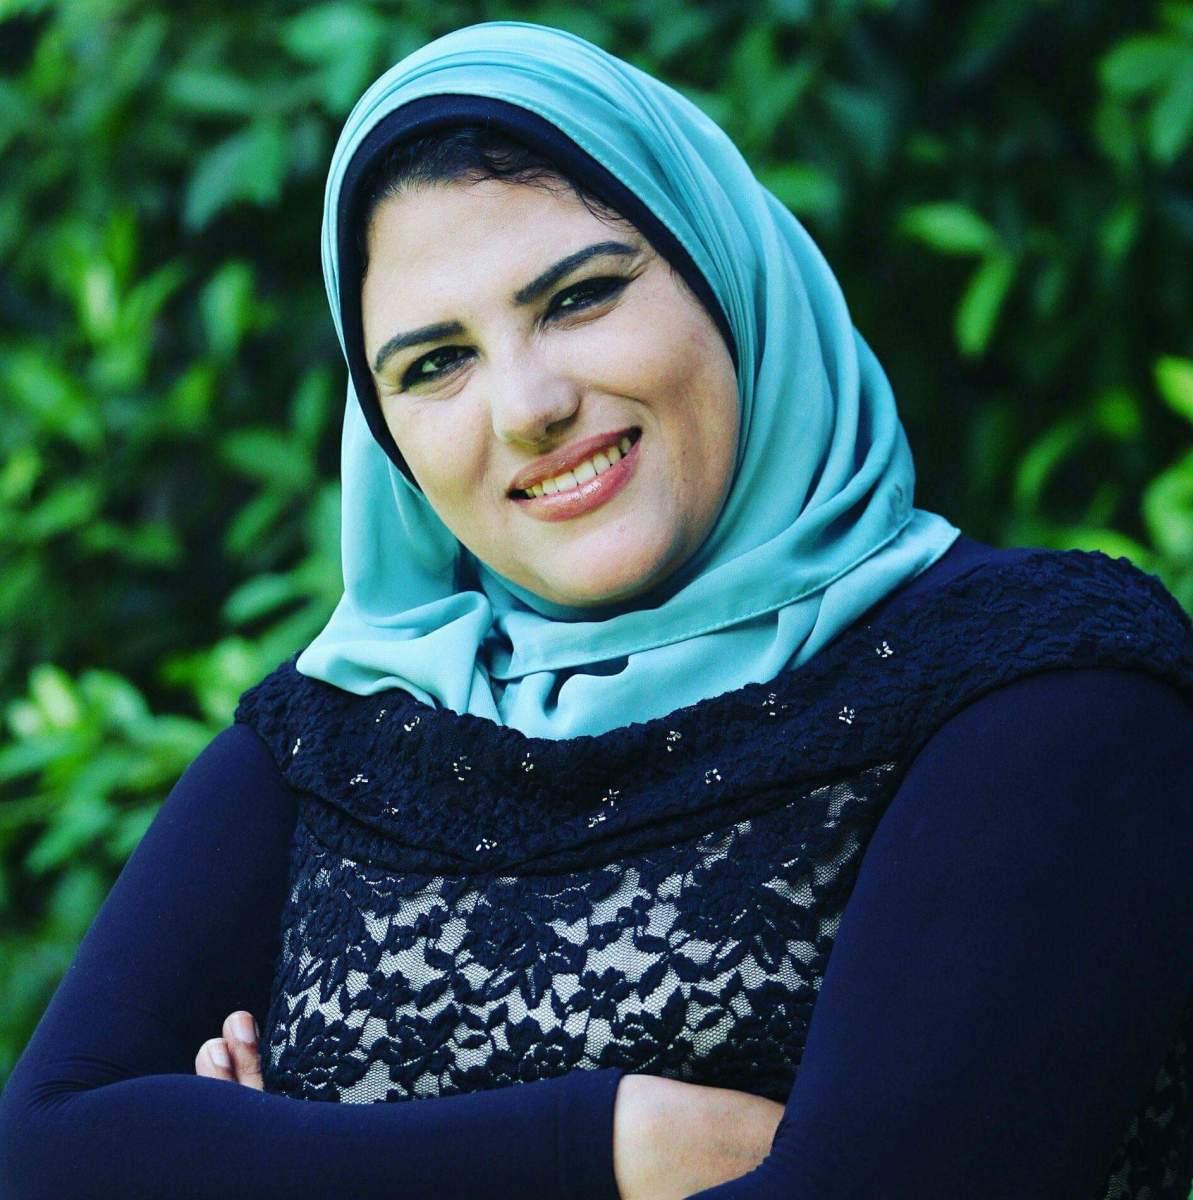 امرأة وثلاثة رجال ( قصة قصيرة) / سمية عبد المنعم